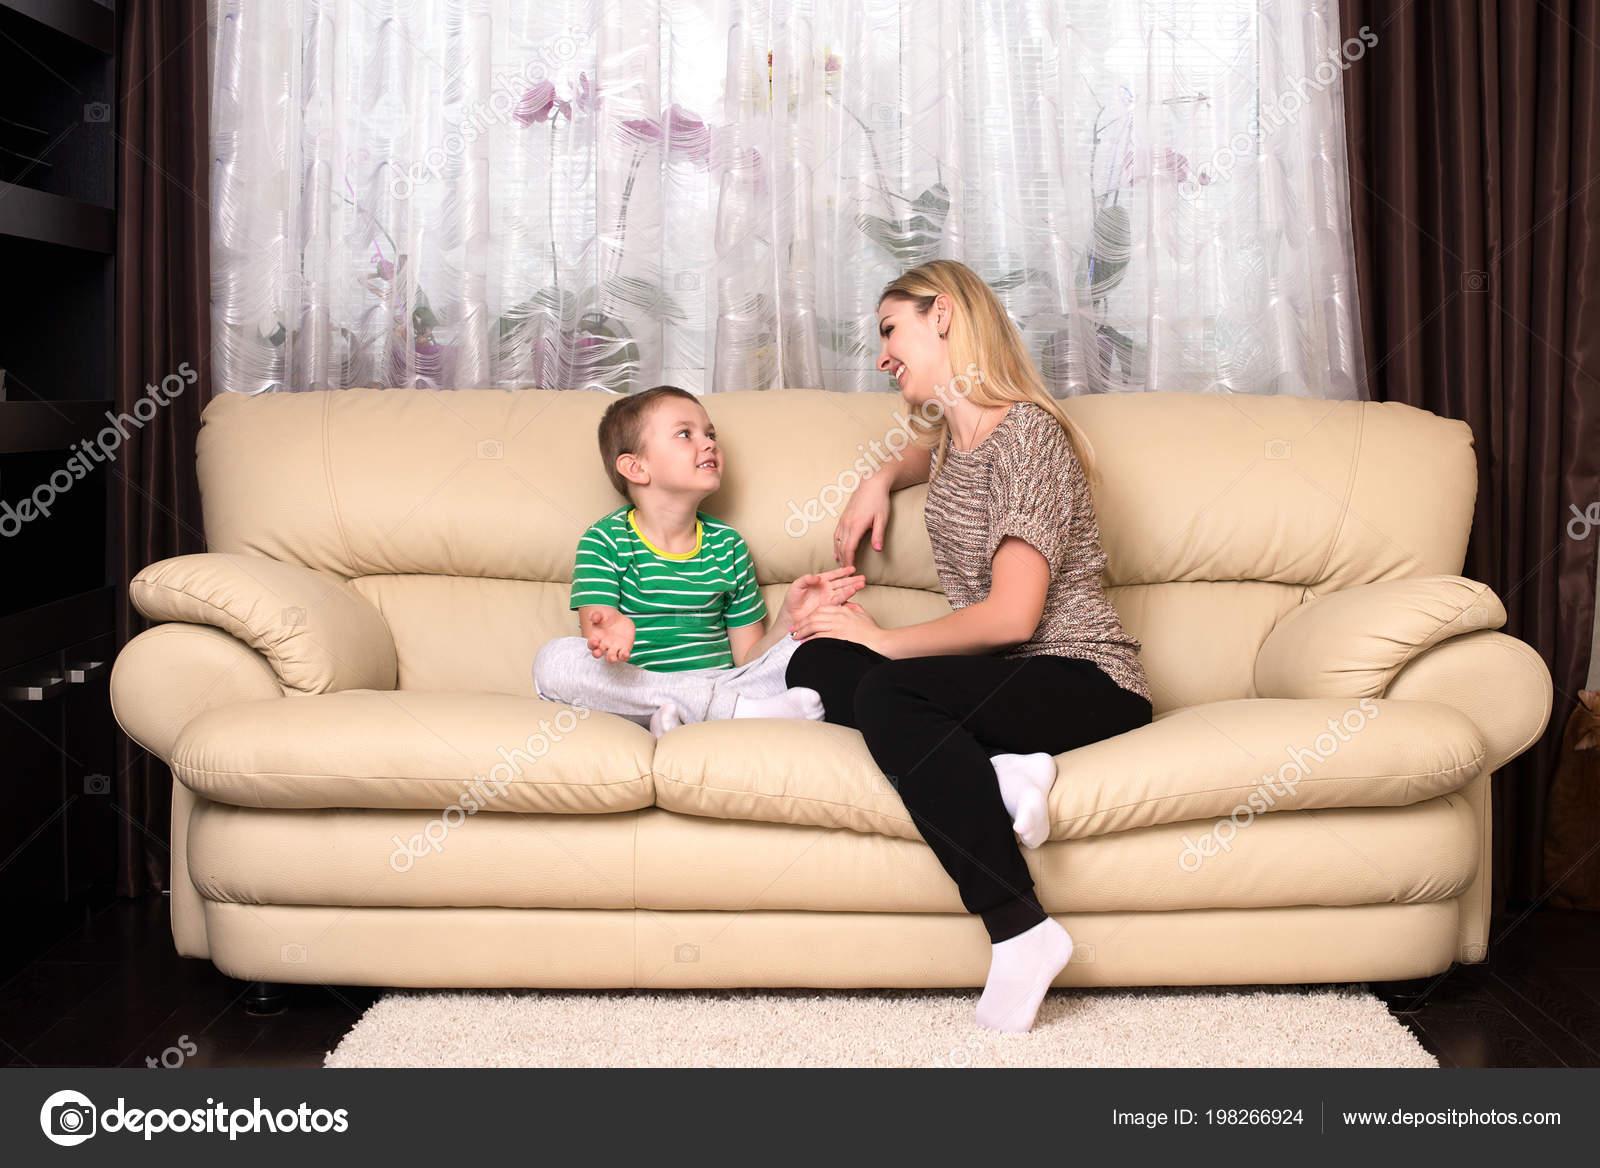 Син ебет свою родную мать, Сын трахнул свою родную мать смотреть онлайн на 15 фотография